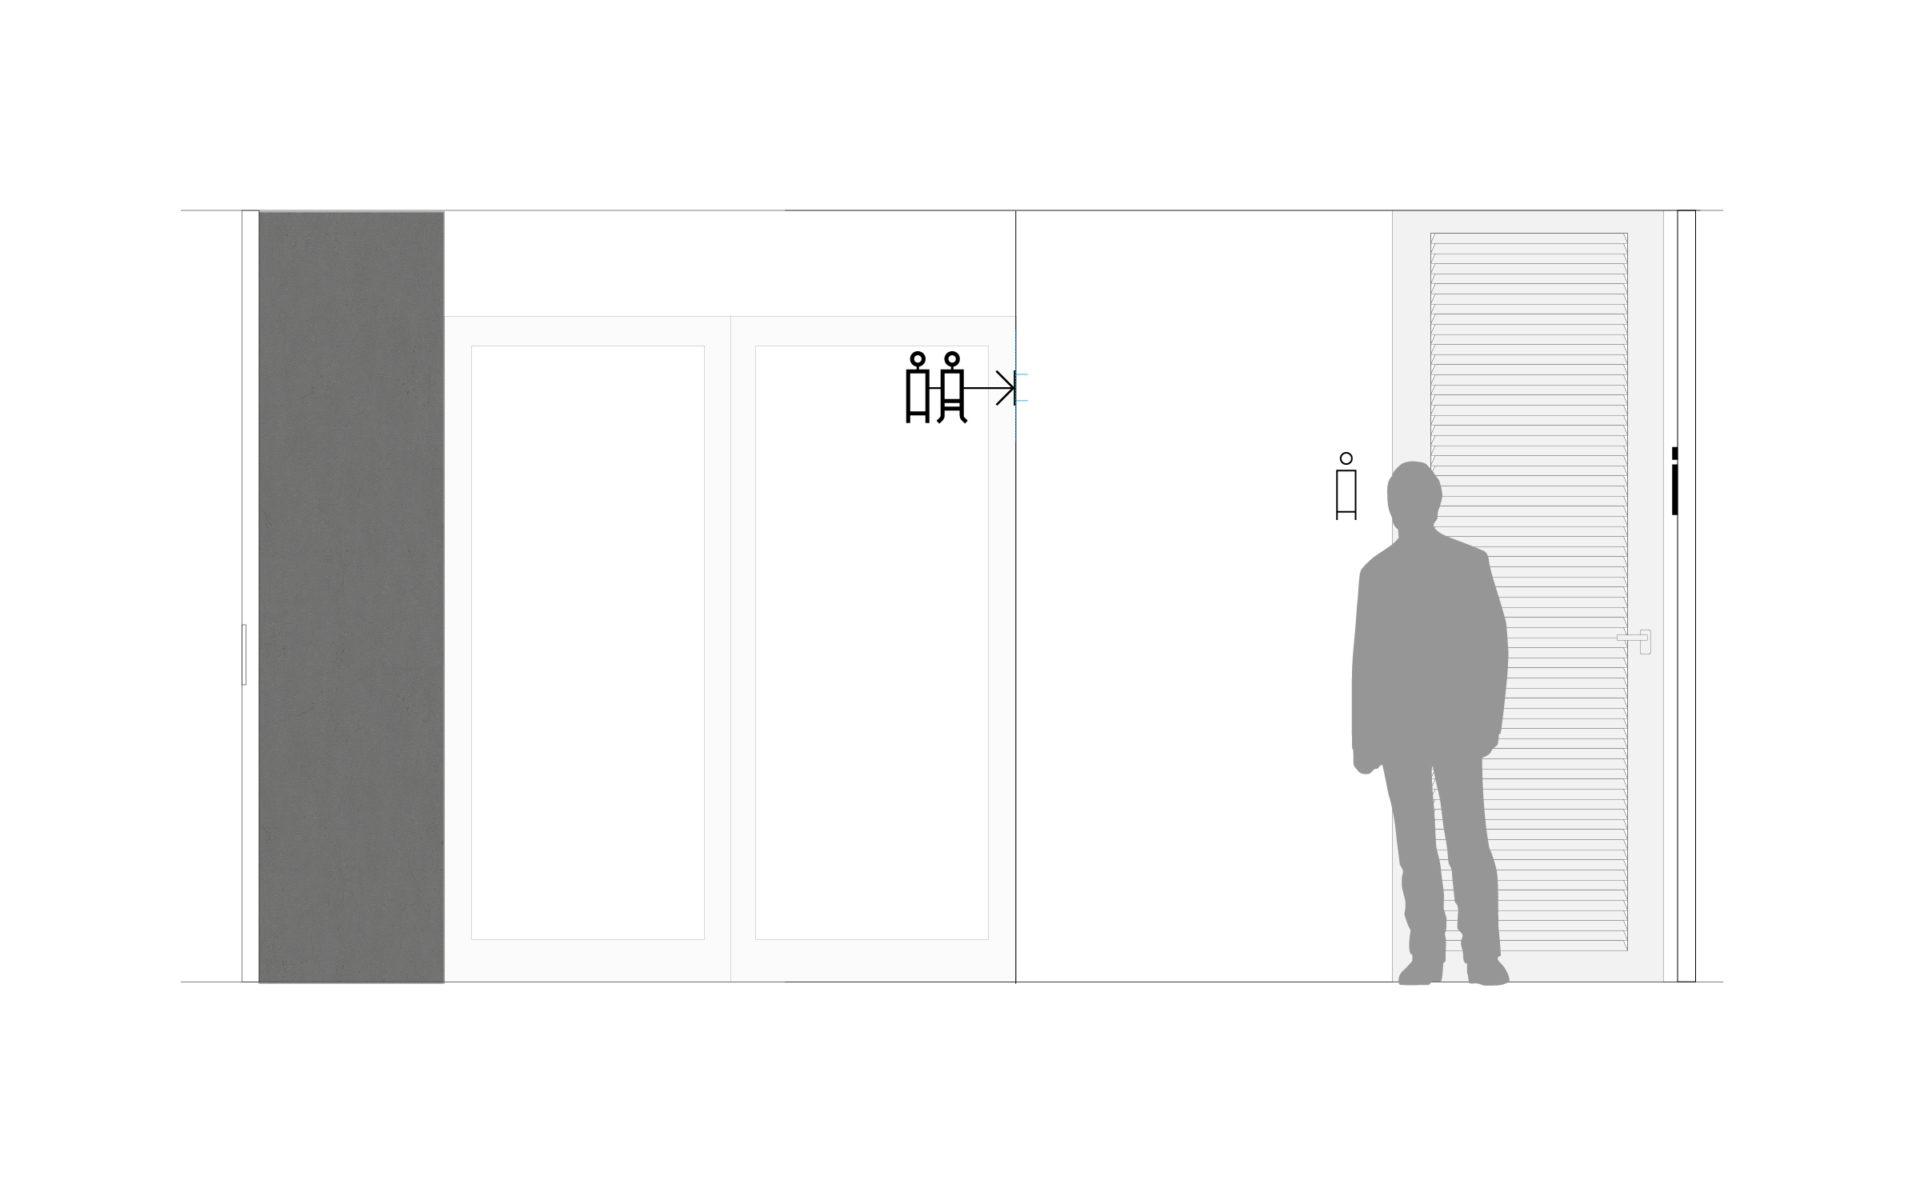 buya-house-wayfinding-02